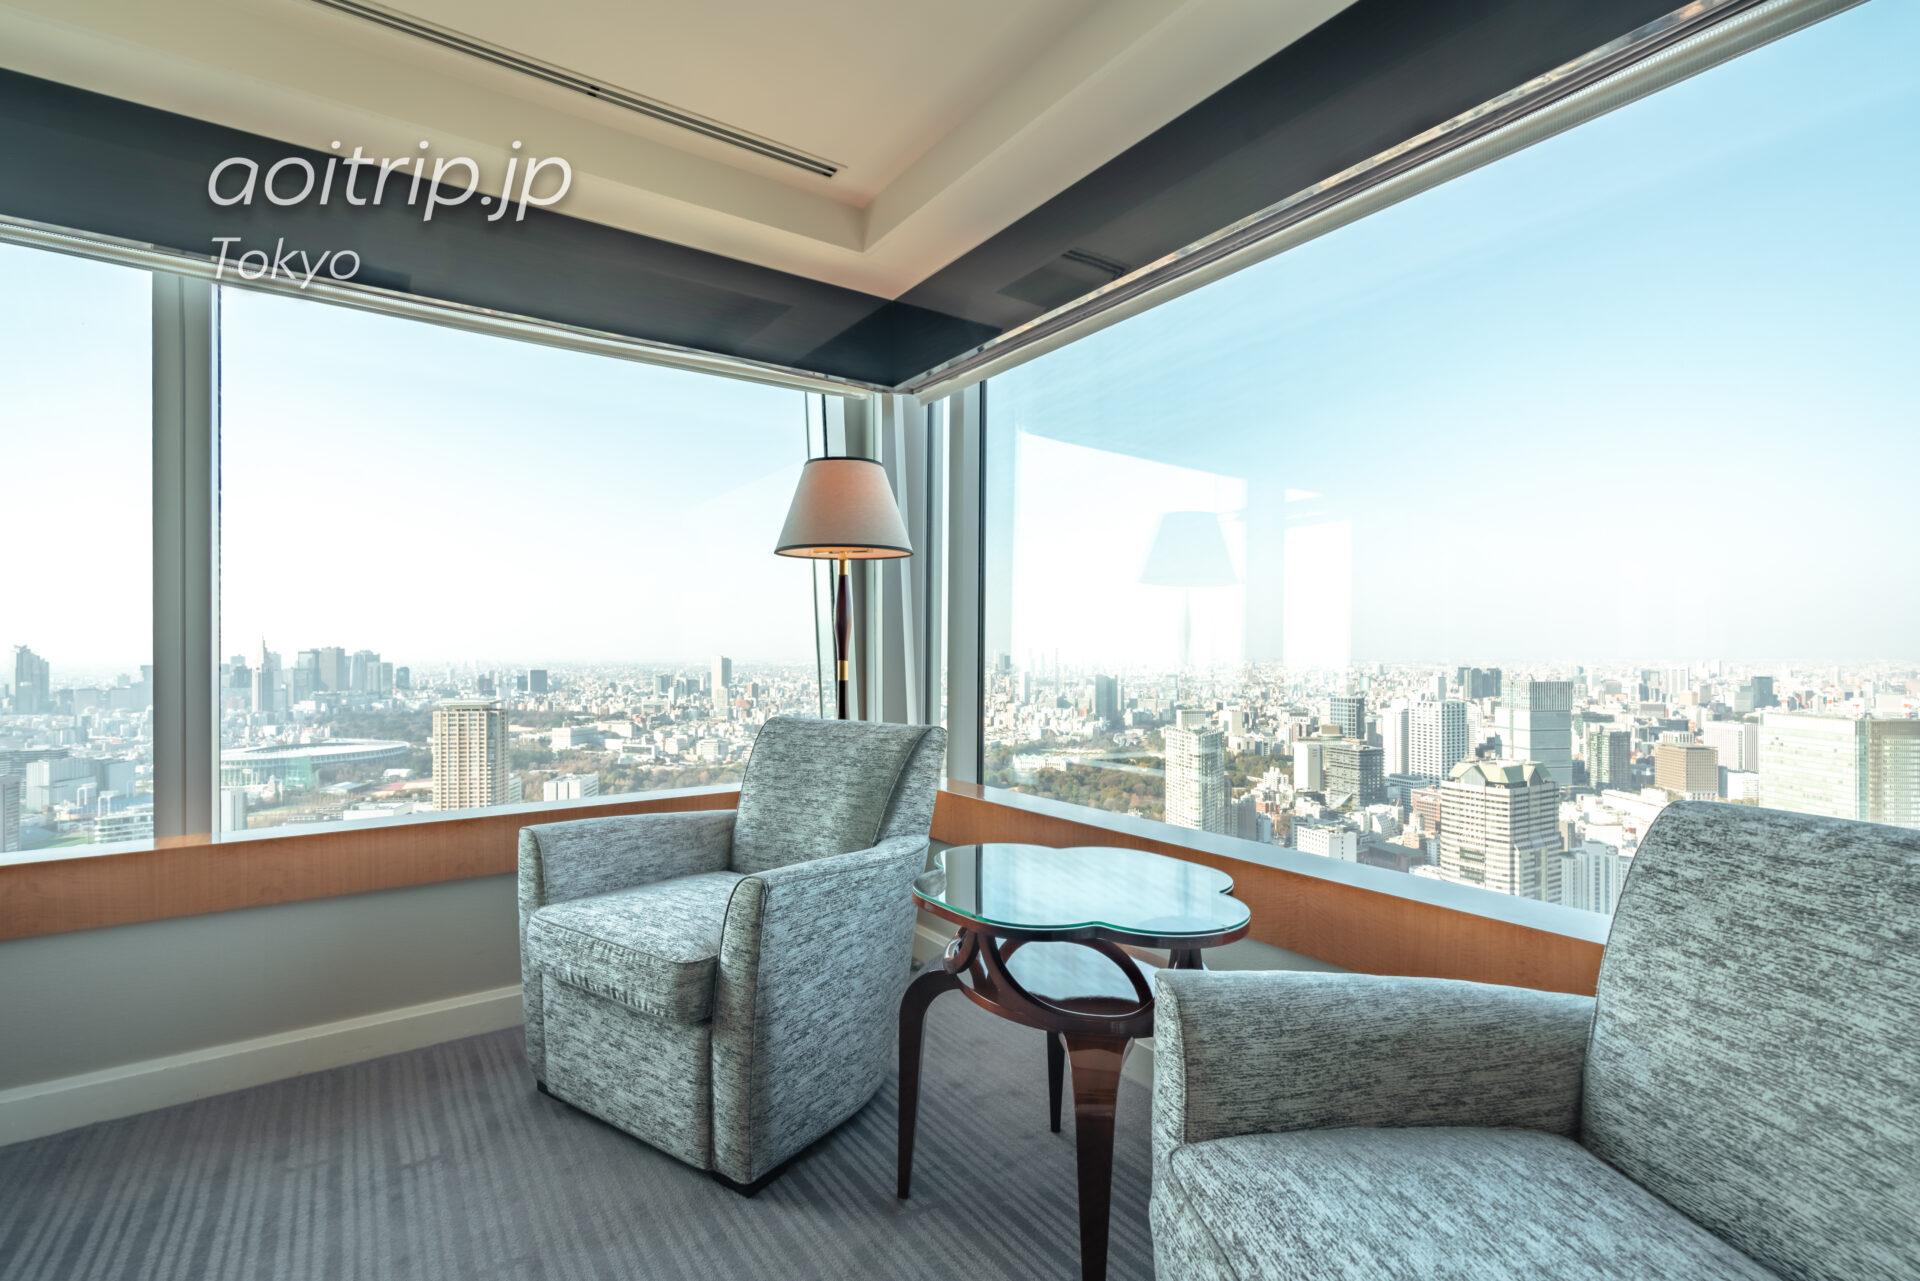 ザ リッツ カールトン東京 スイートルームの客室 カールトンスイート ベッドルーム